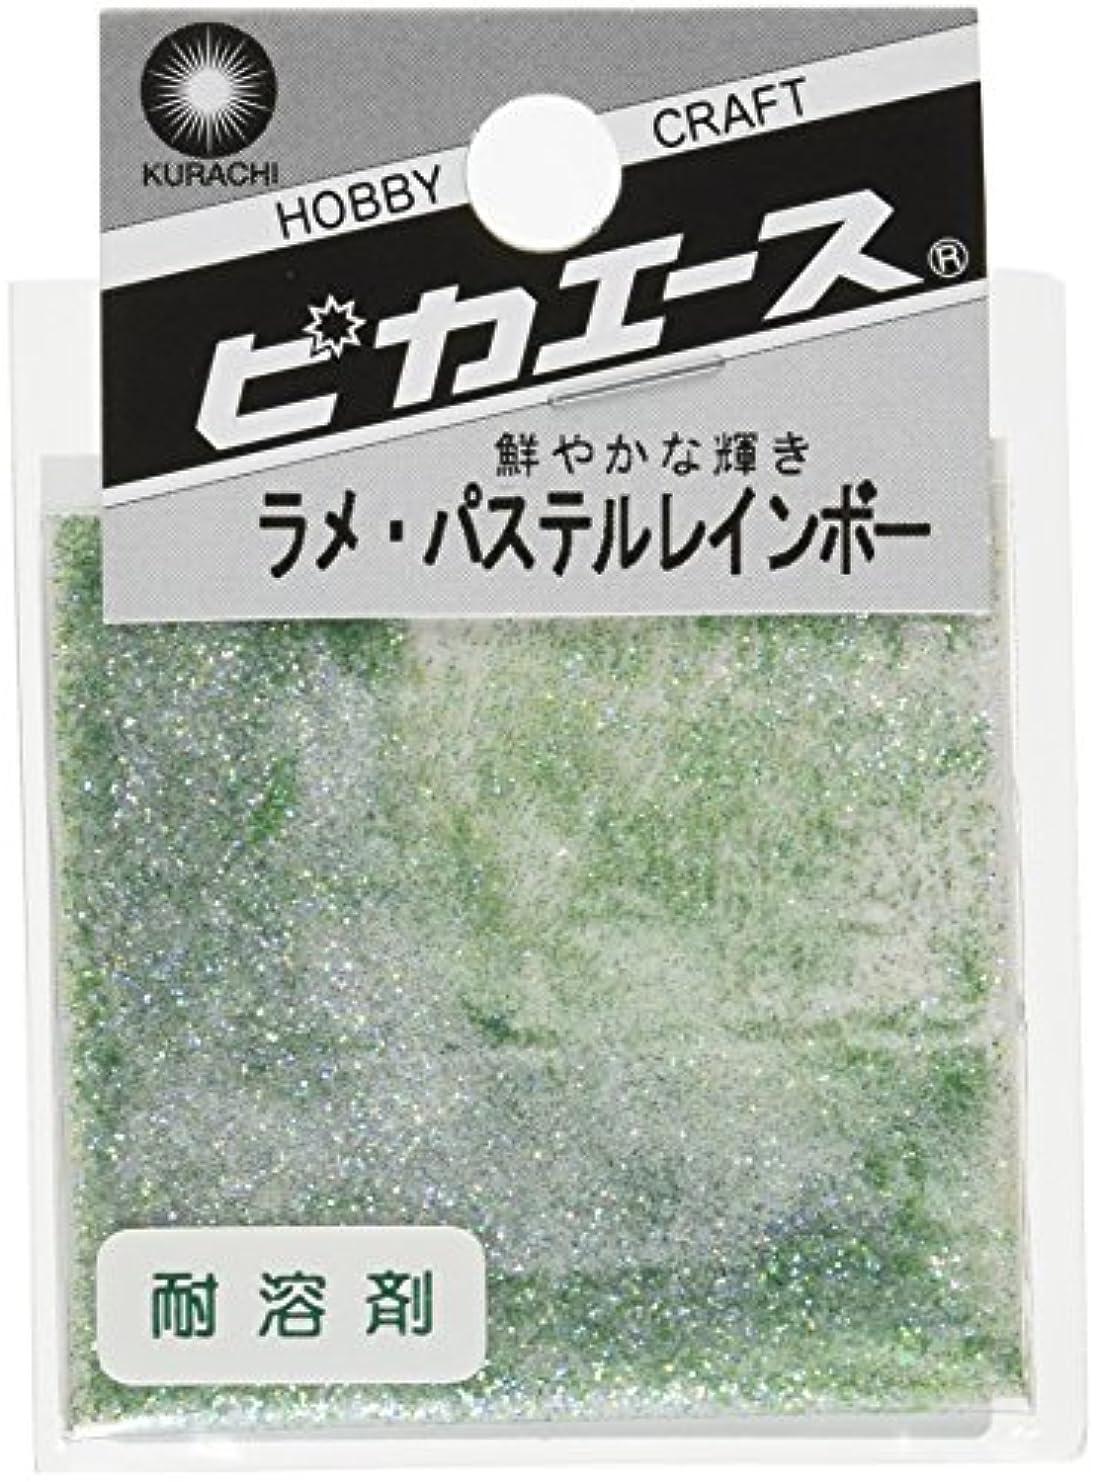 ハンサム腸もつれピカエース ネイル用パウダー ピカエース ラメパステルレインボー S #450 グリーン 0.7g アート材